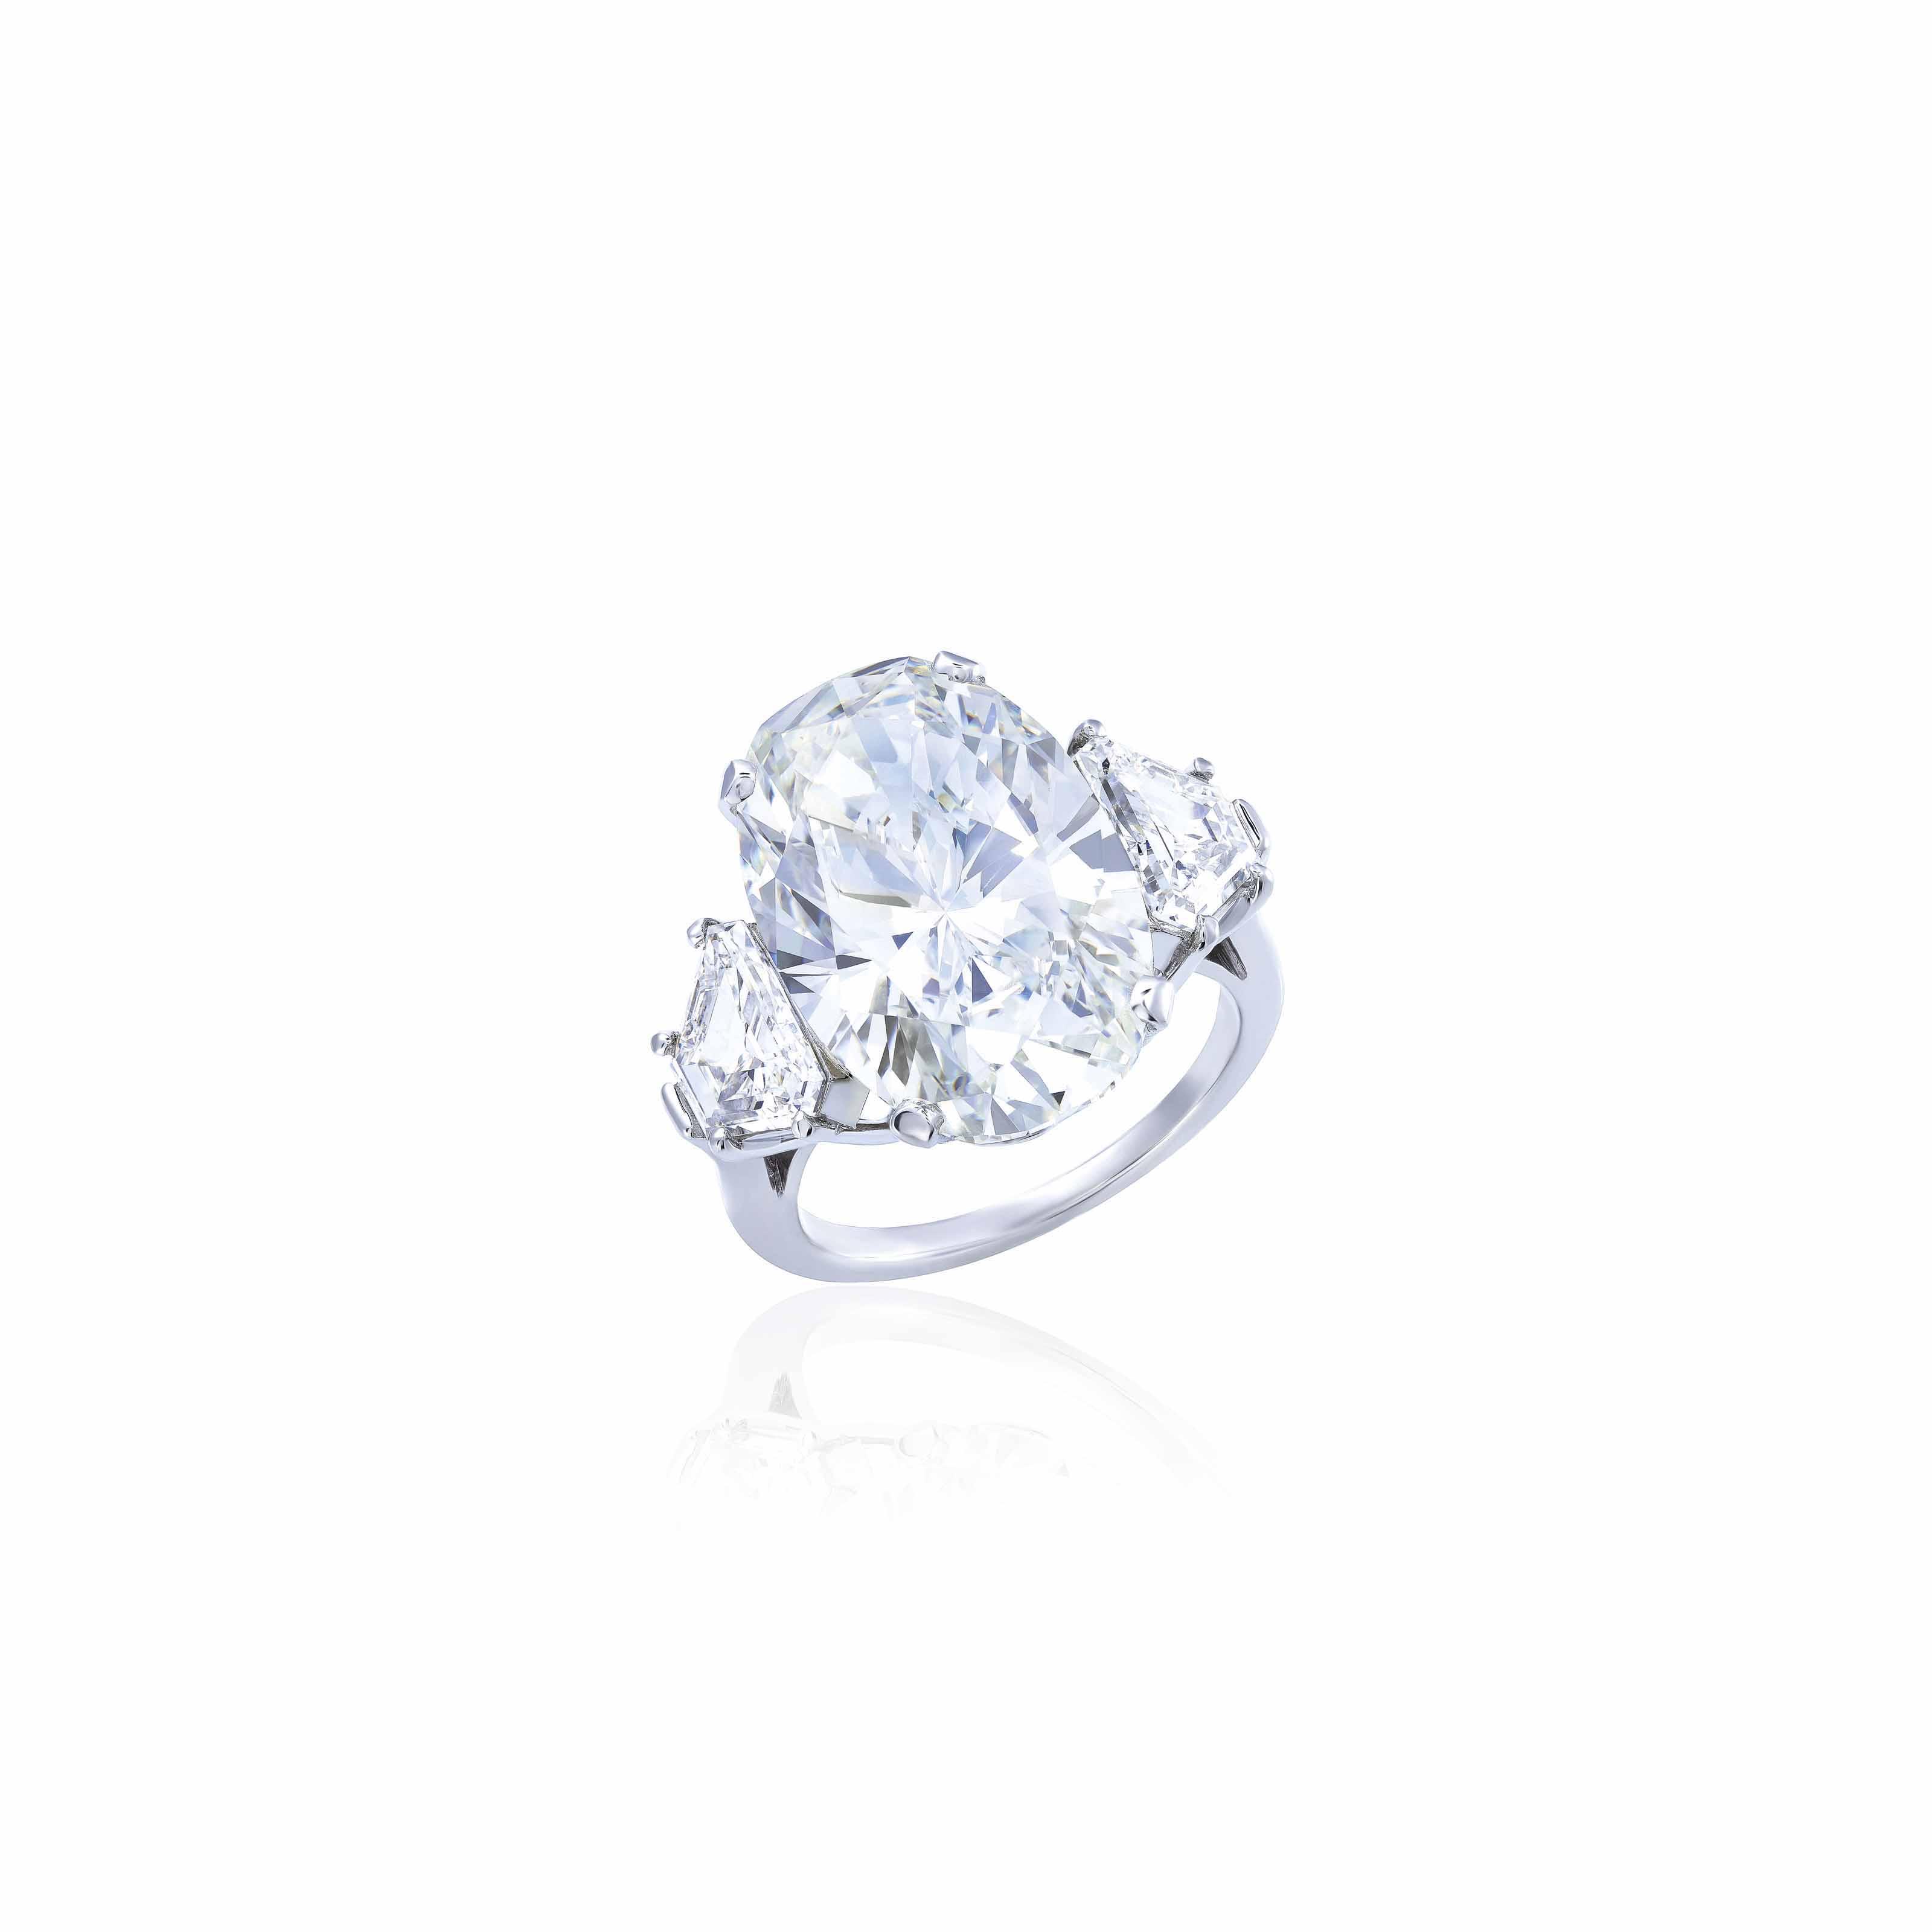 DIAMOND RING, ADLER